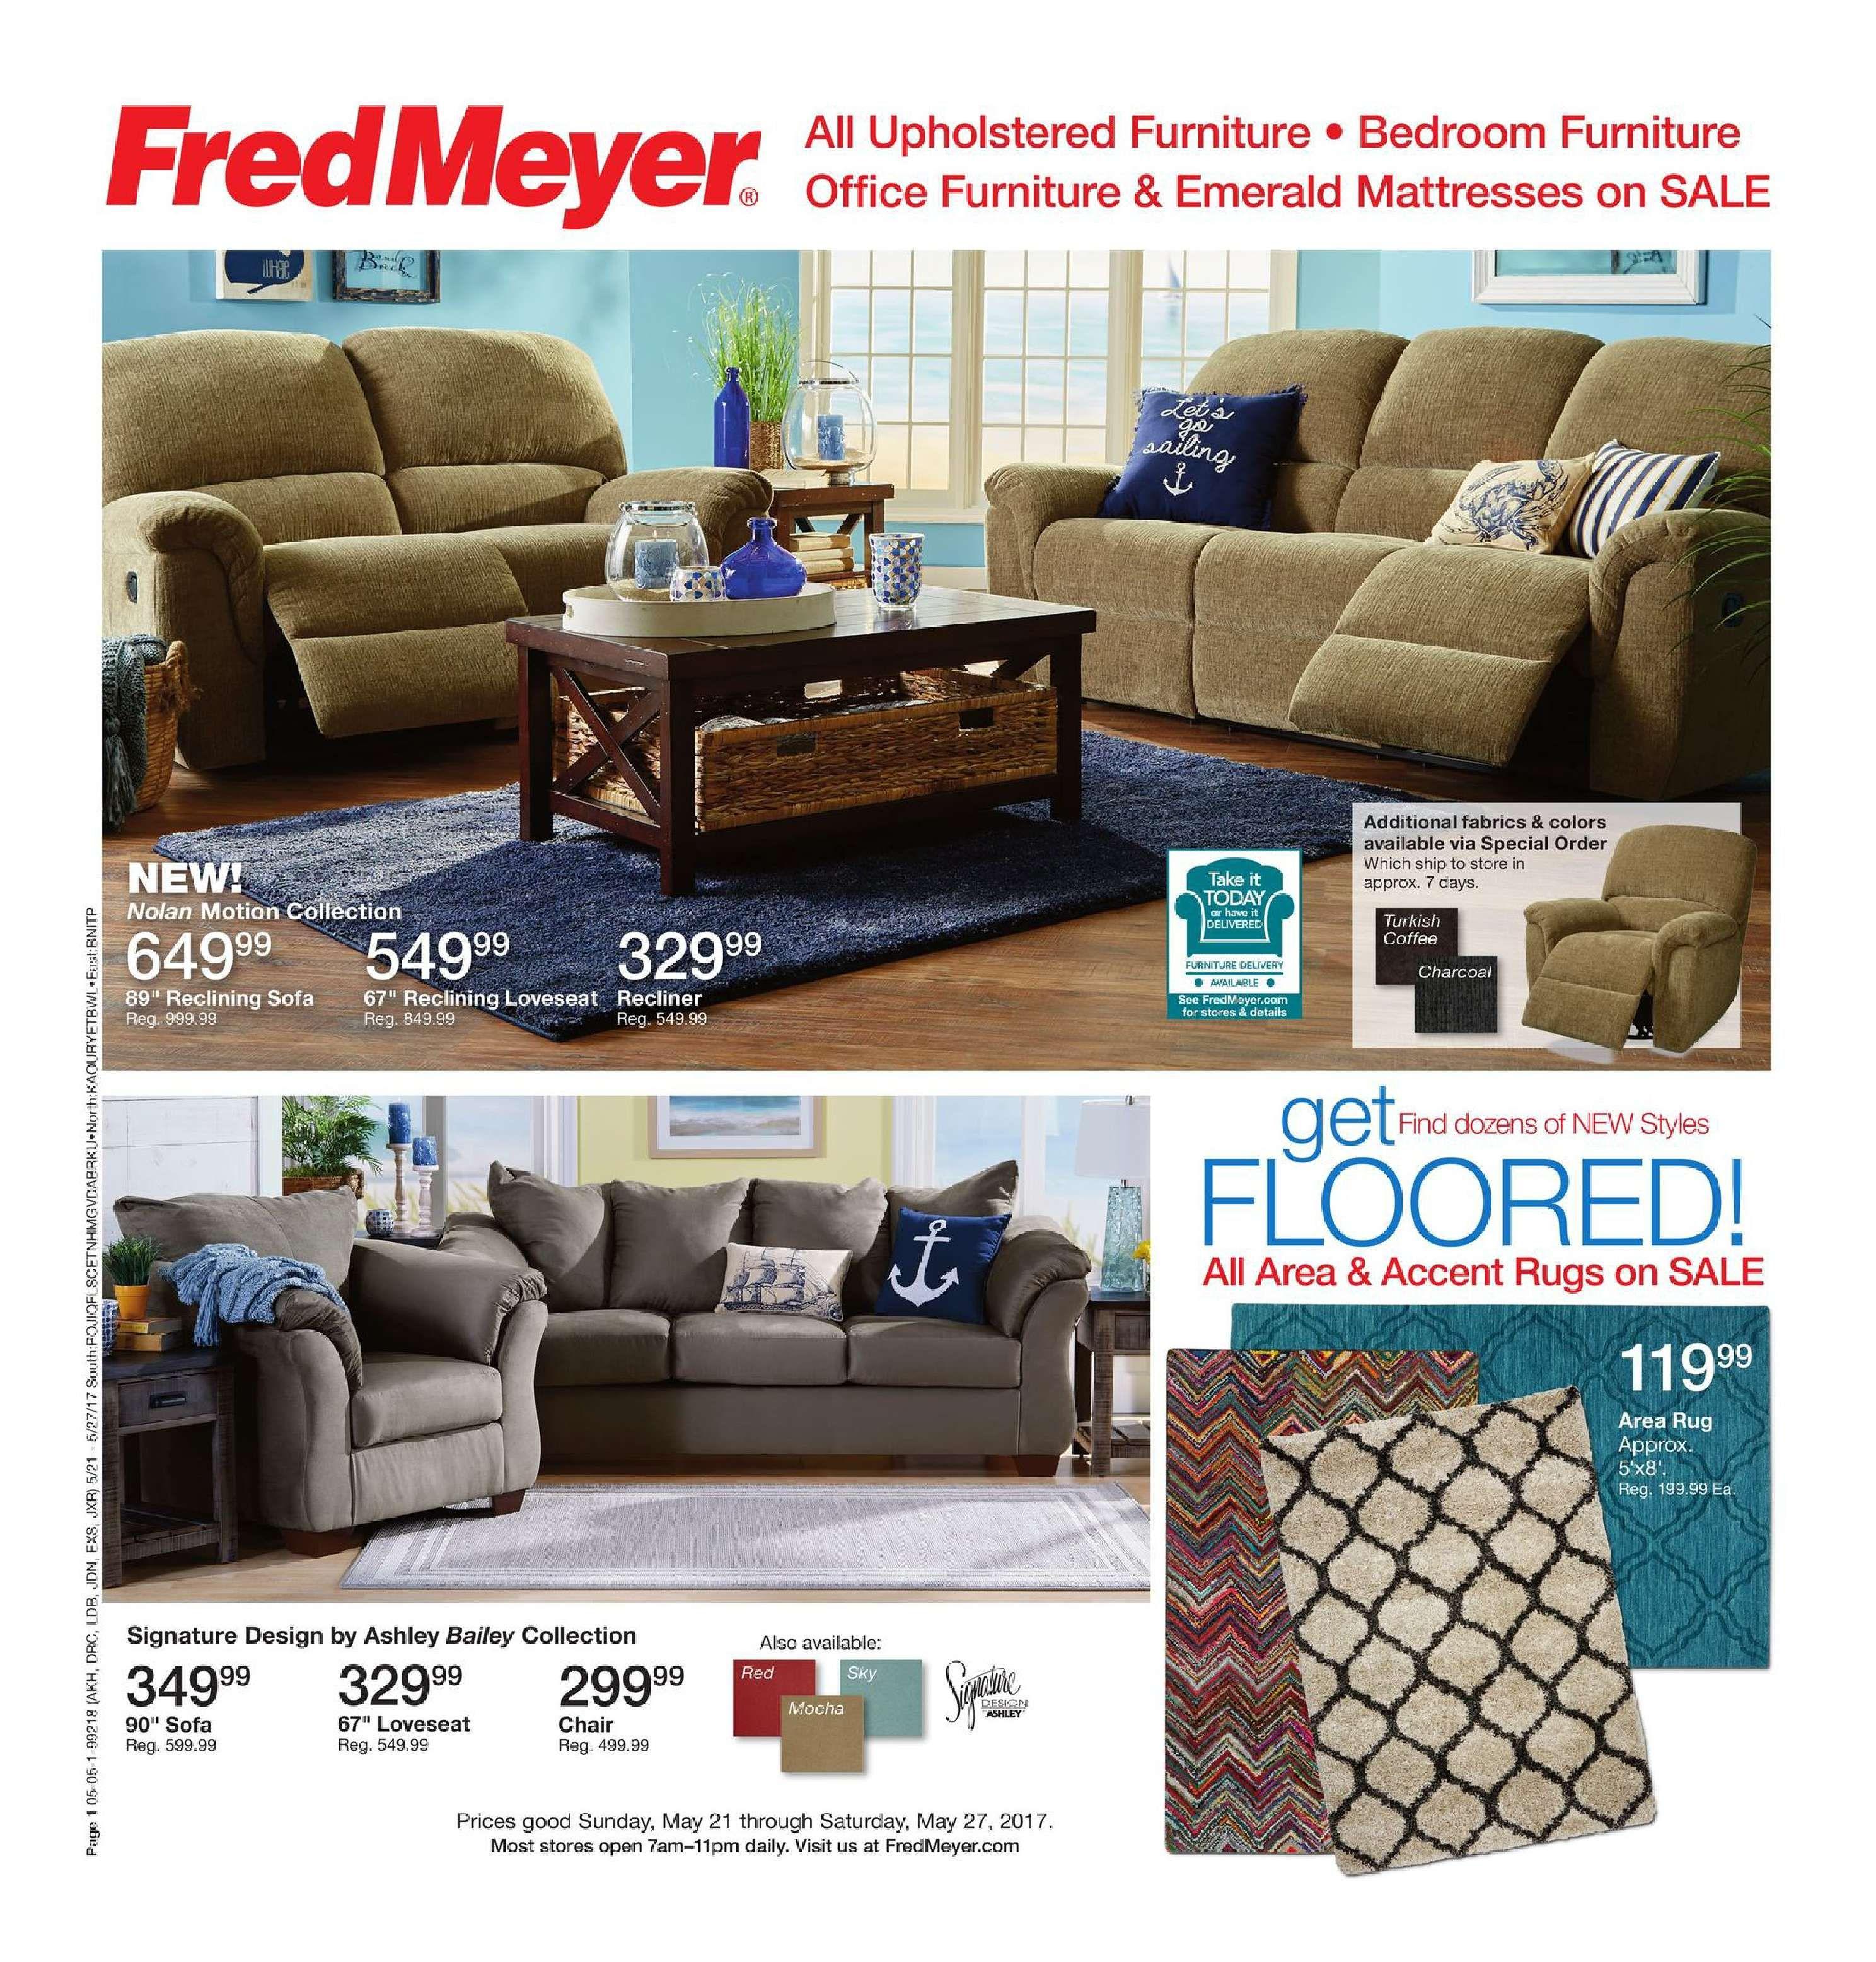 Fred Meyer Furniture Ad May 21 27 2017 atalog